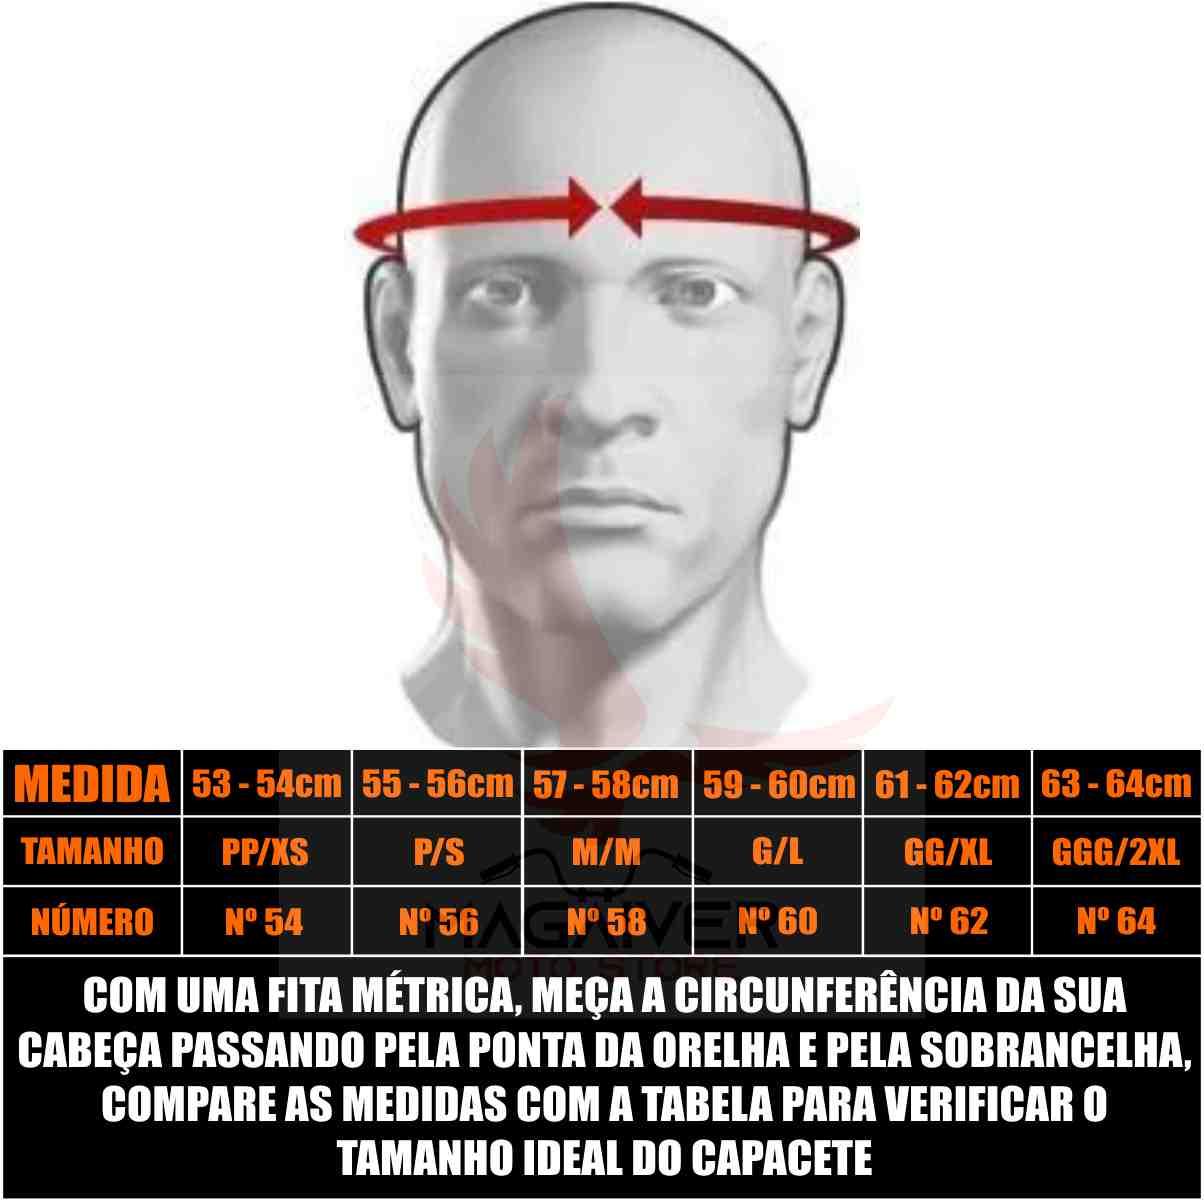 COMBO CAPACETE ABERTO CUSTOM REVESTIDO COURO + VISEIRA EXTRA SILVER + MASCARA CAVEIRA TUBO BANDANA